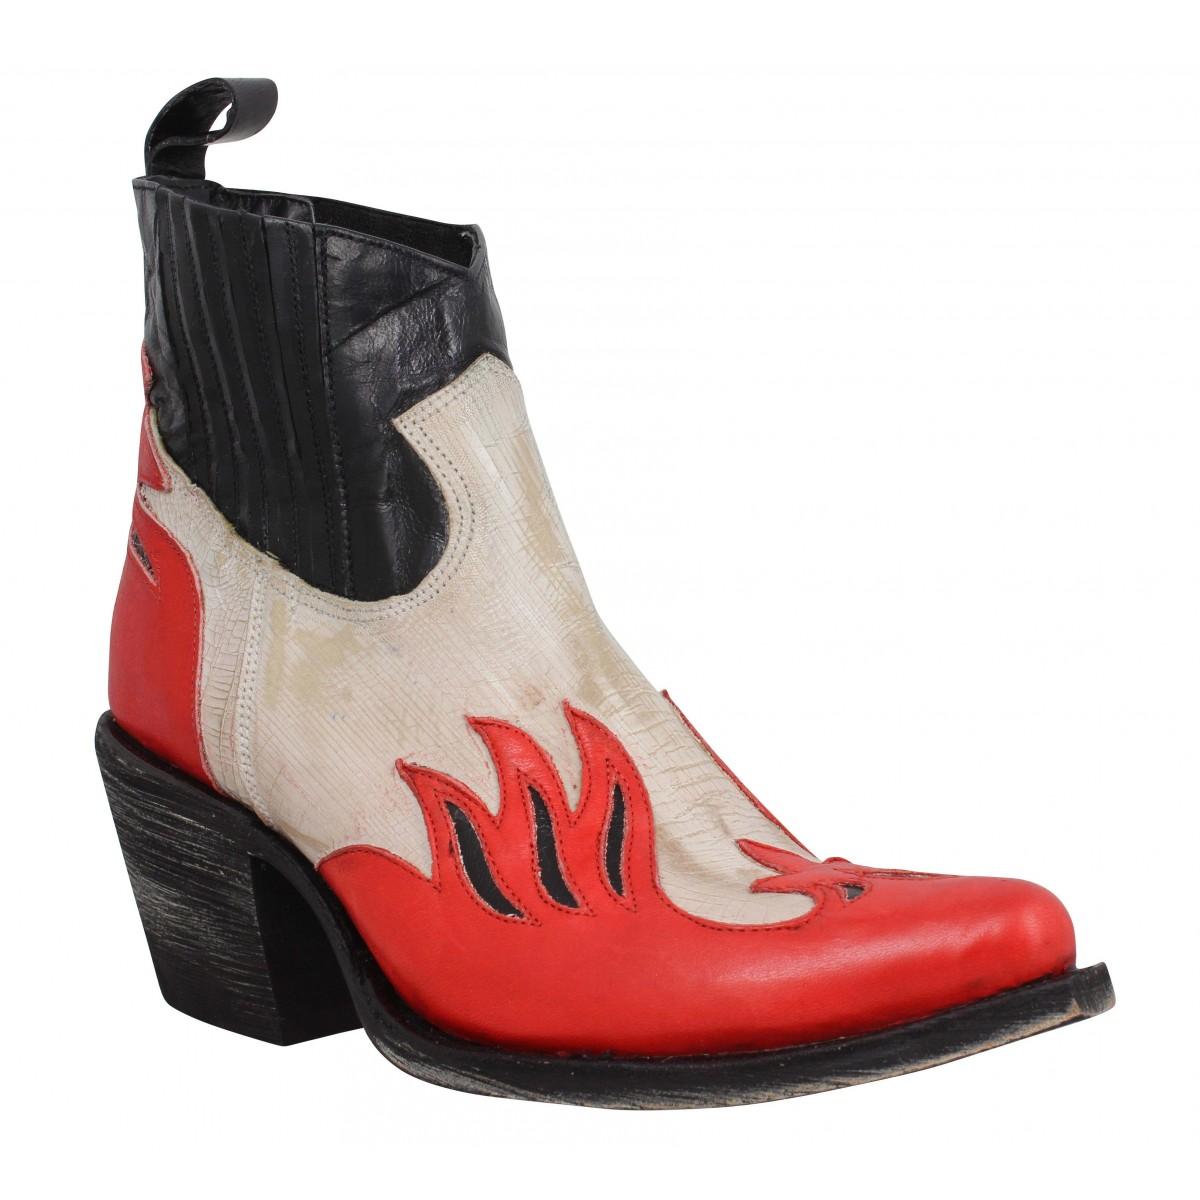 Bottines MEXICANA Dandy Bone cuir Femme Black Red